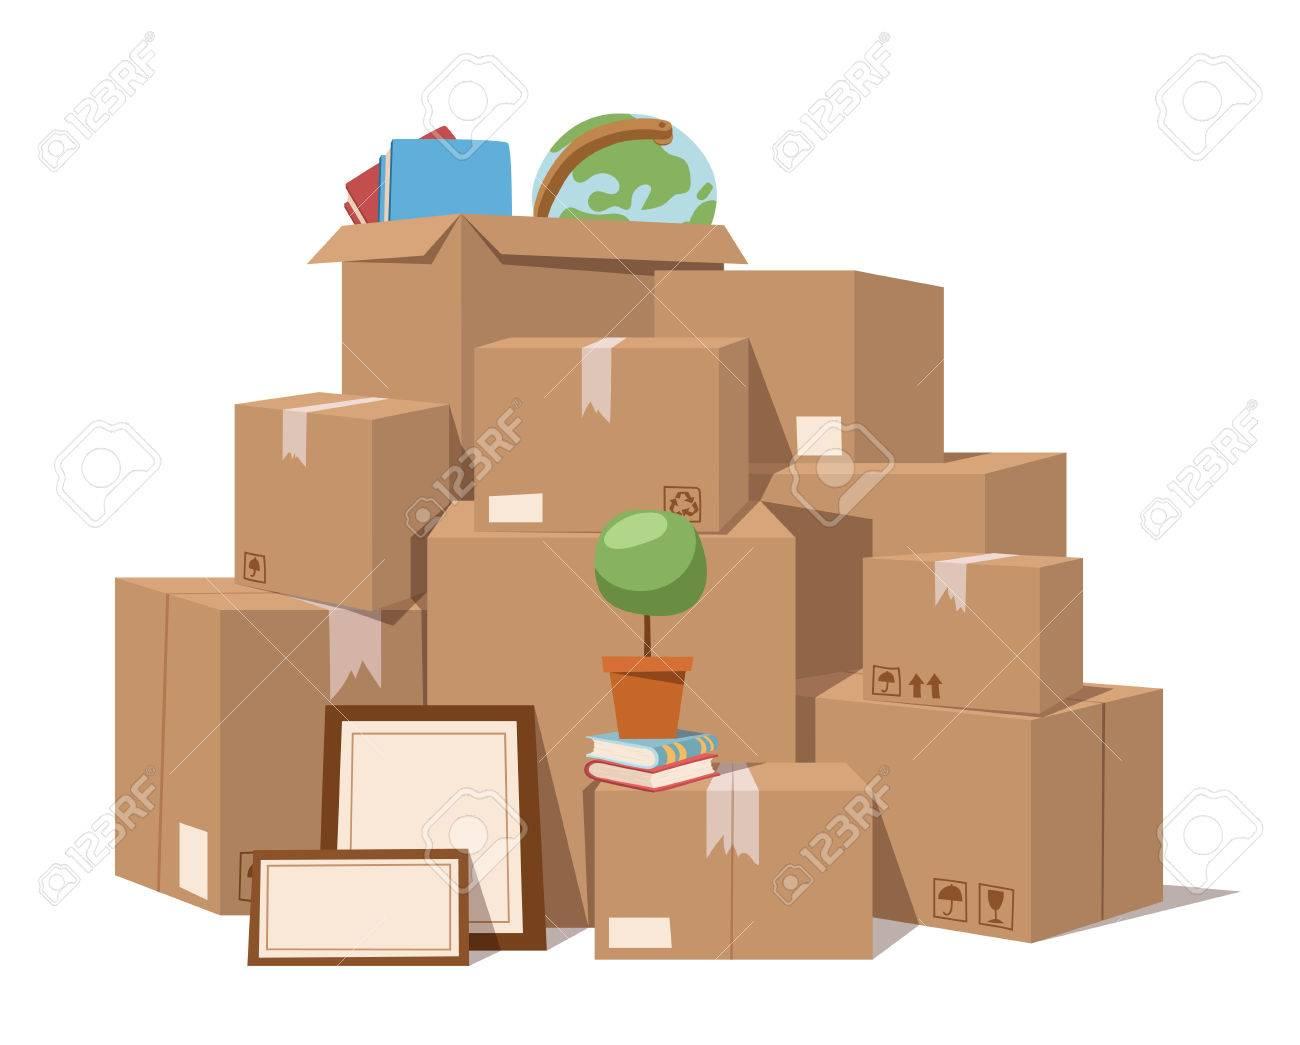 Move service box full vector illustration. Move box business.